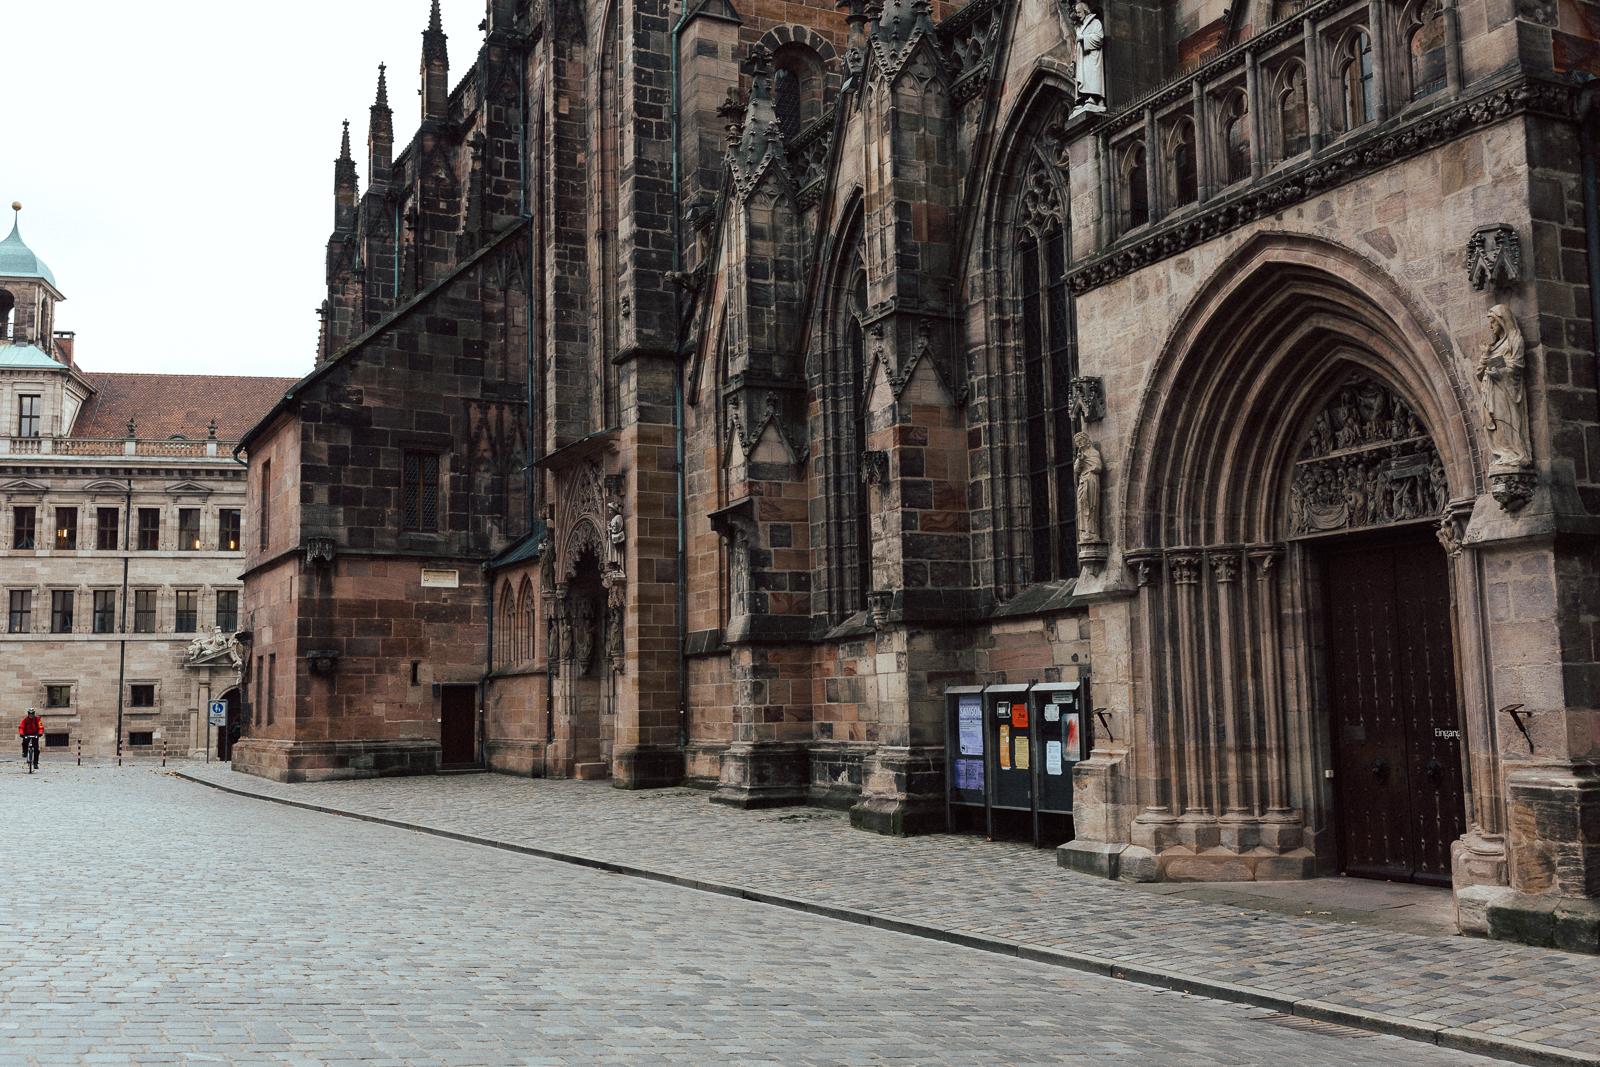 URBANERIE_Daniela_Goth_Fotografin_Nürnberg_Fürth_Erlangen_Schwabach_171110_001_0022